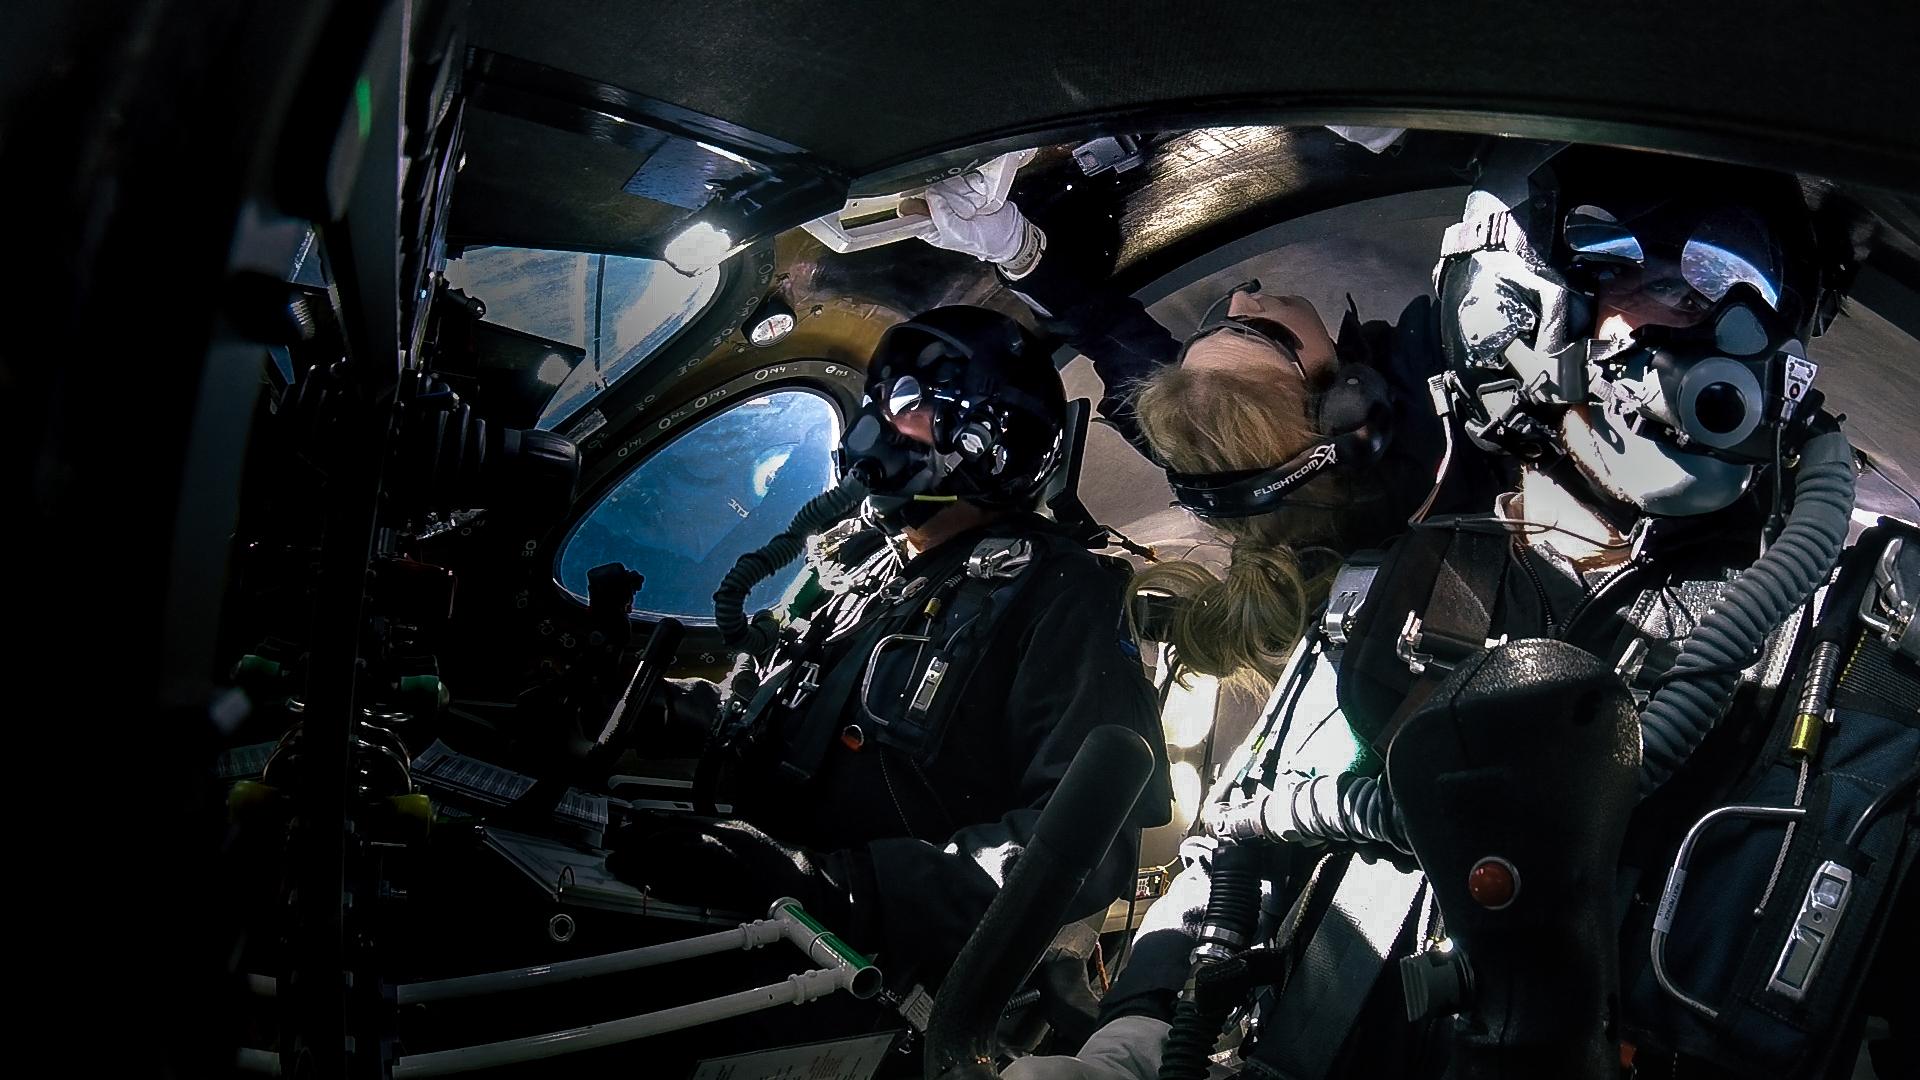 Рекордов было поставлено сразу несколько. Кроме того, впервые на частном космическом корабле в космос отправилась женщина.